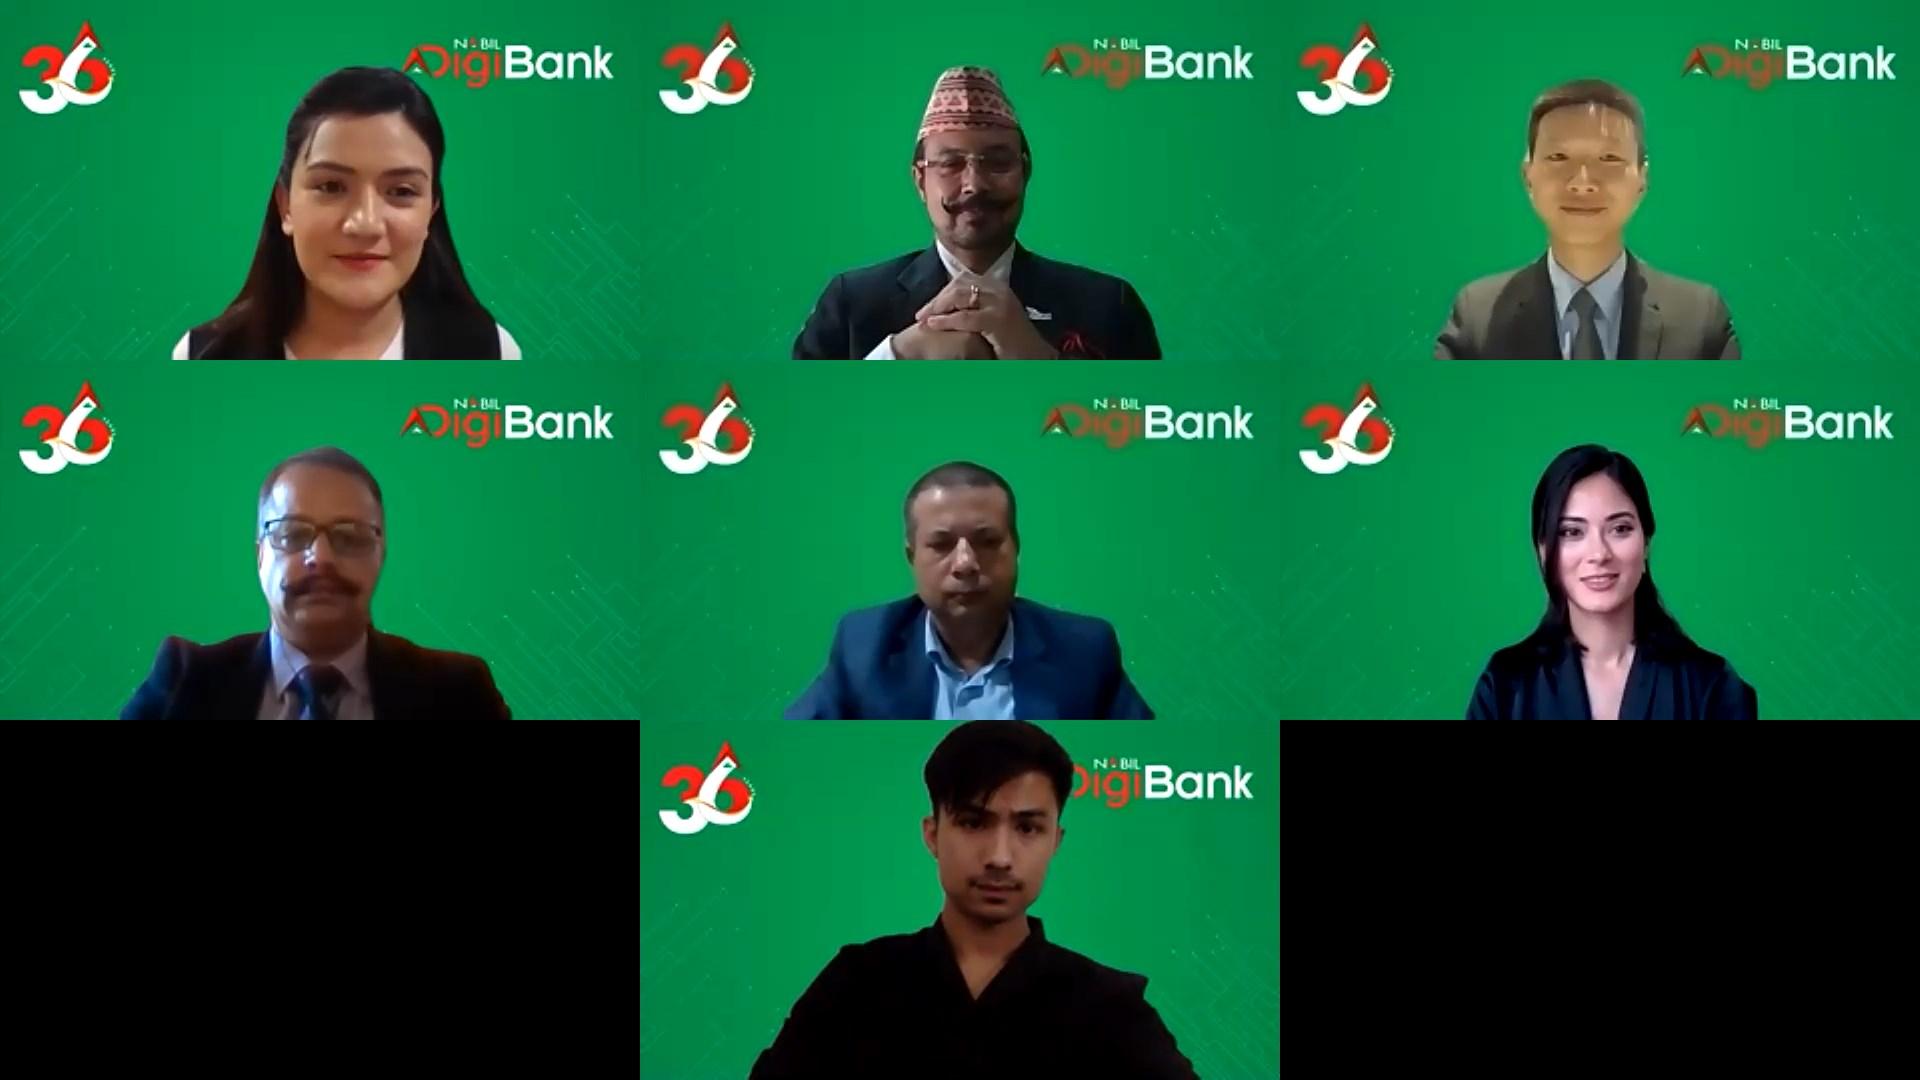 नबिल बैंकद्वारा 'नबिल डिजि बैंक' स्थापना